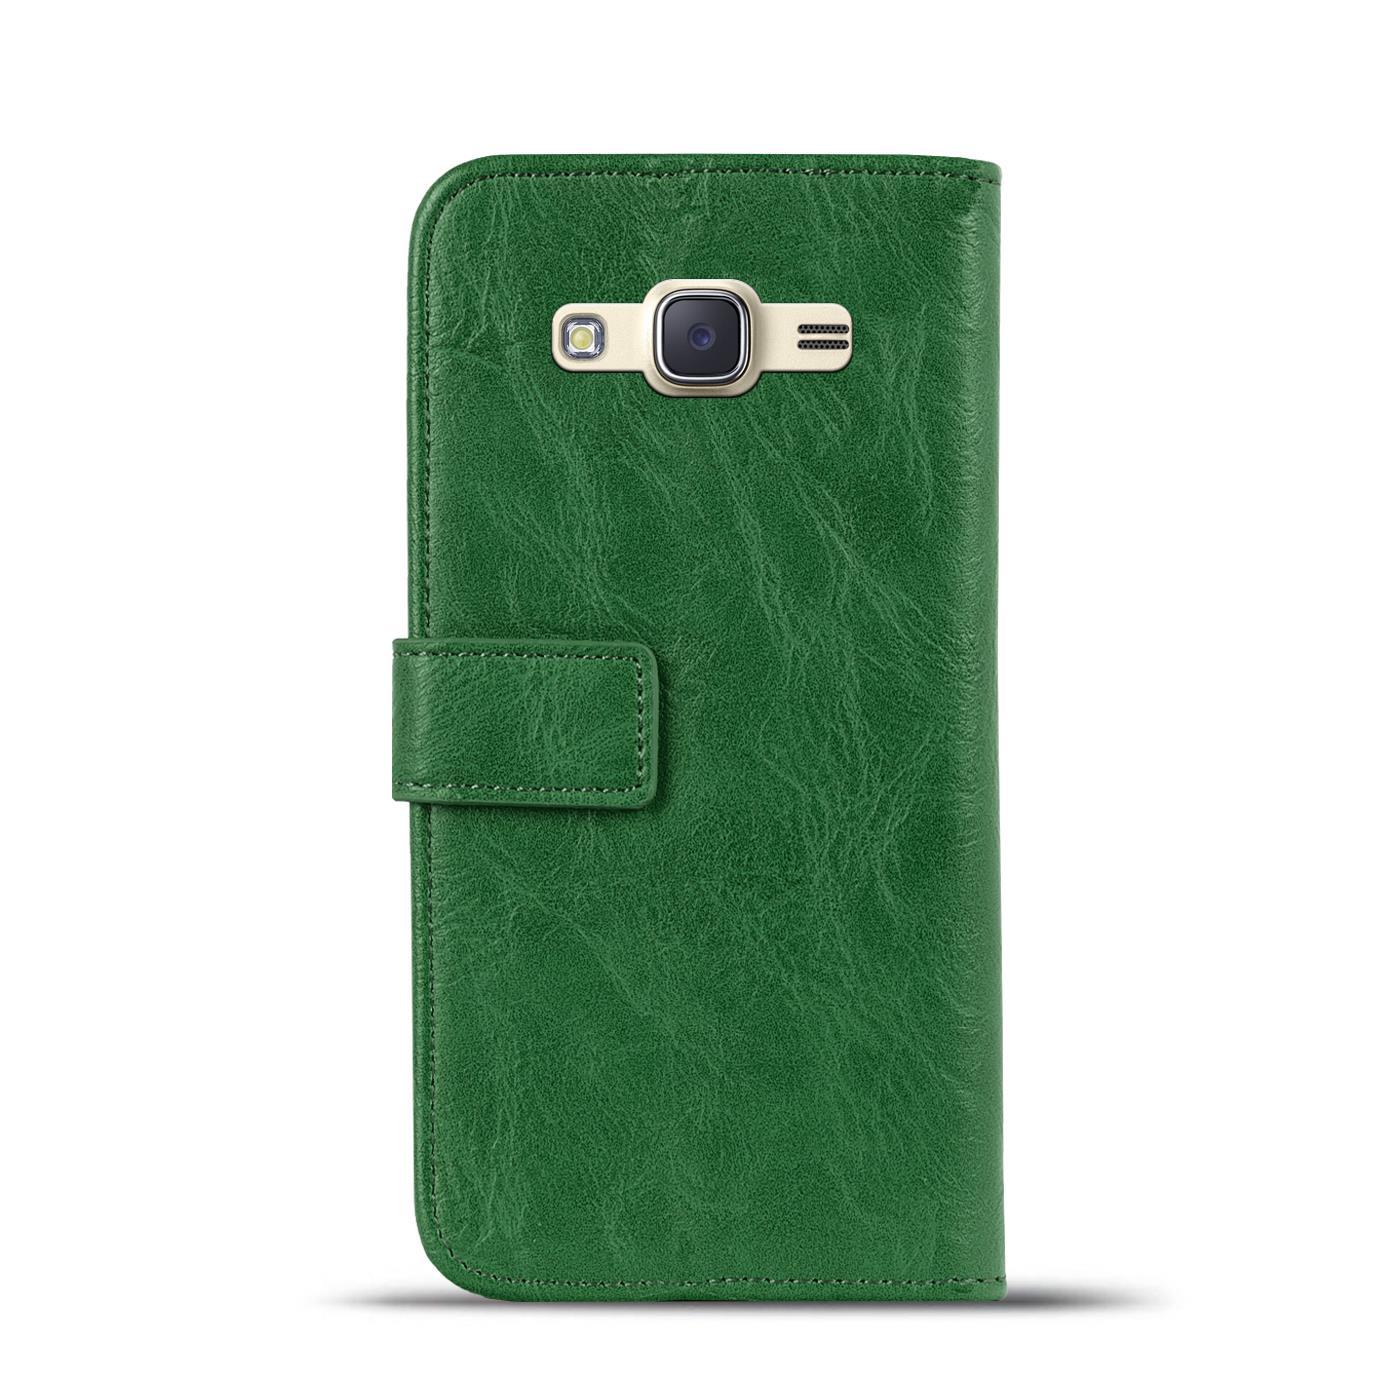 Handy-Tasche-Huelle-Samsung-Galaxy-J1-2016-Case-Klapphuelle-PU-Leder-Wallet-Cover Indexbild 3